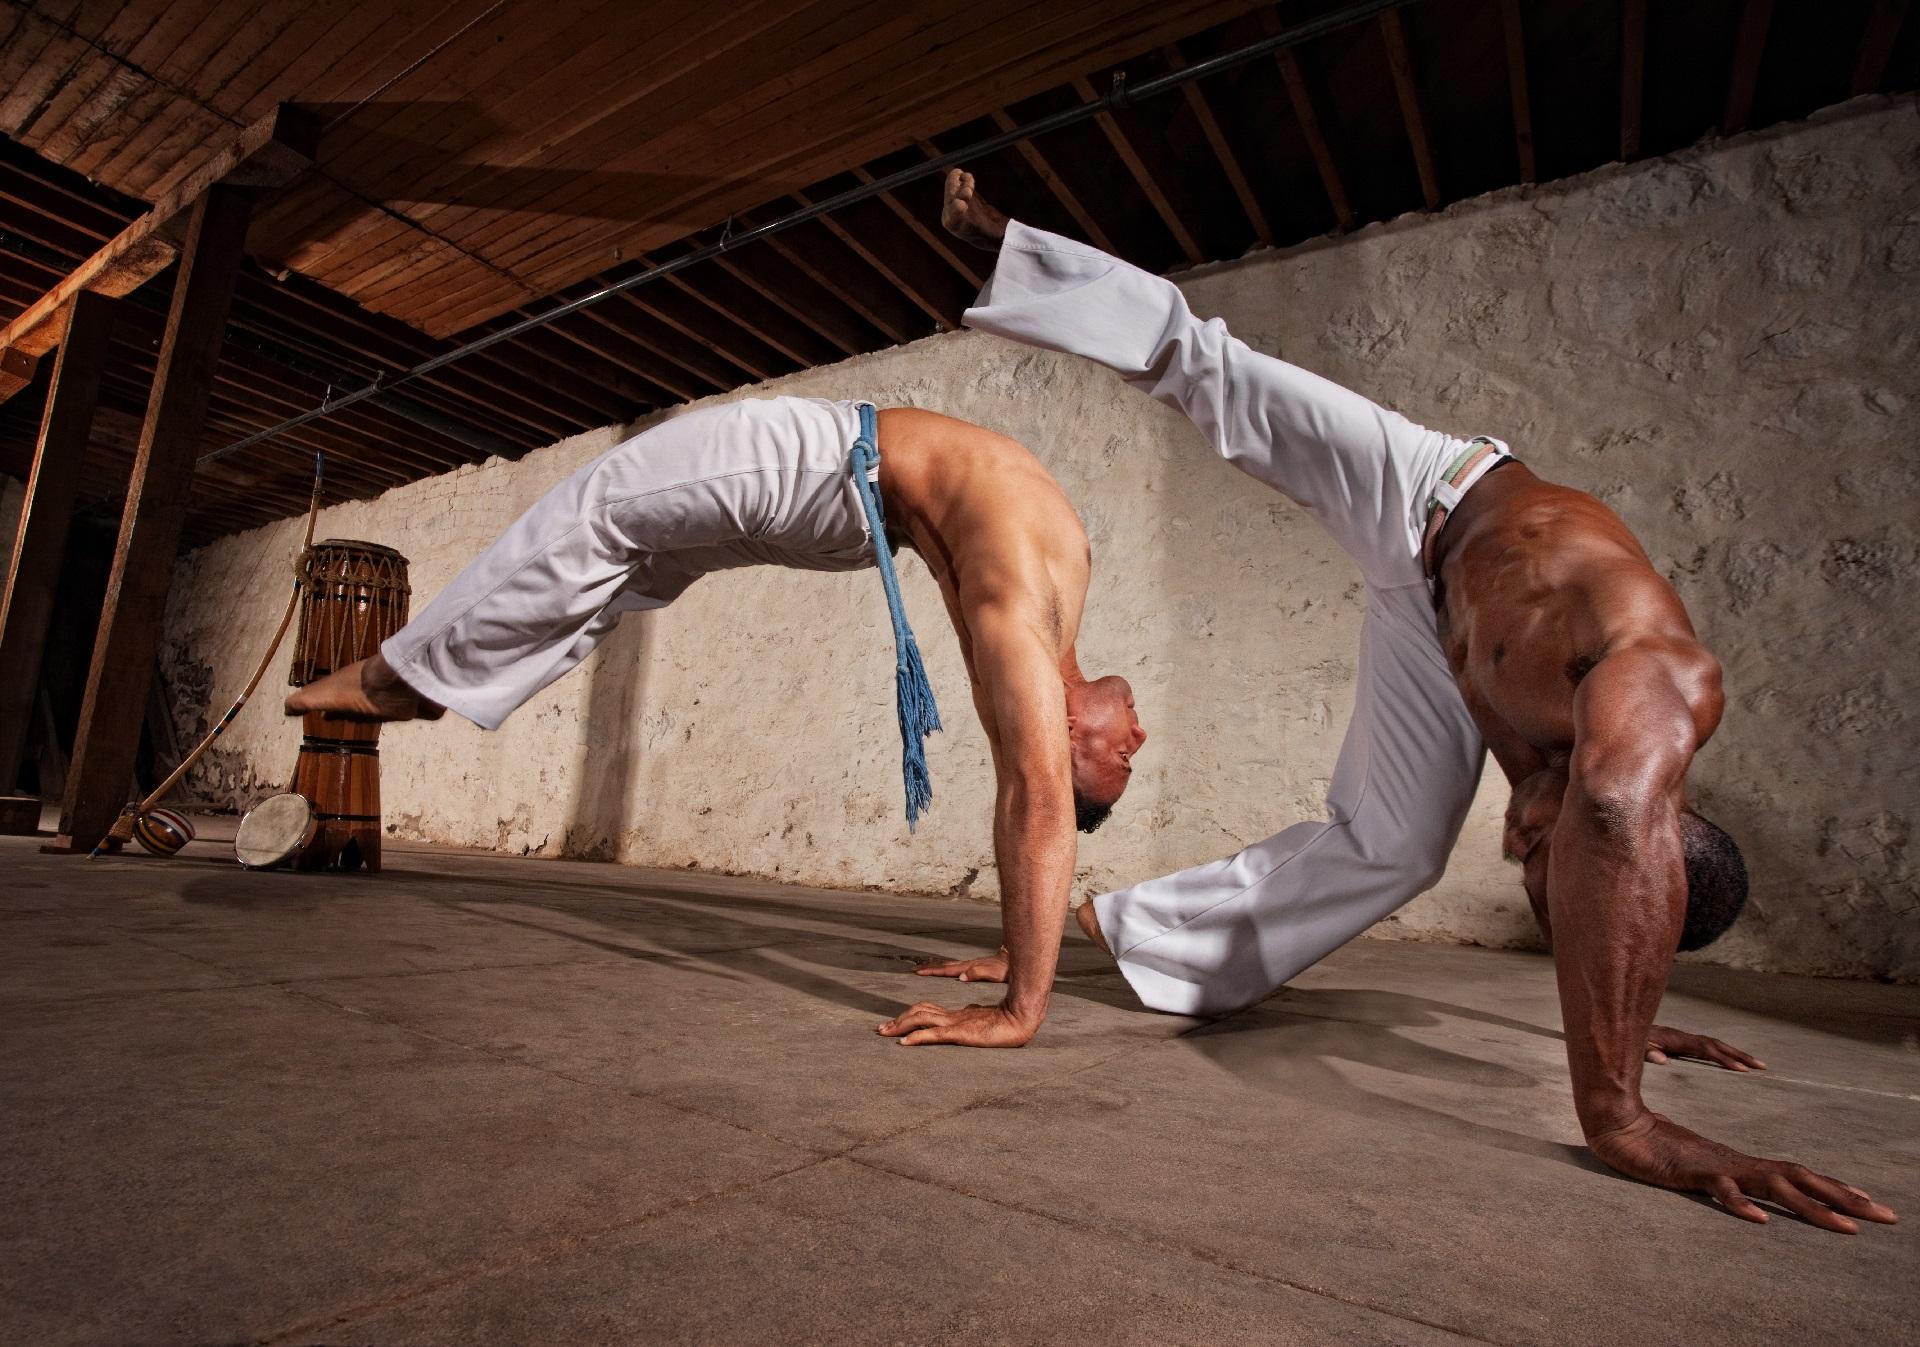 Боевой танец Боевой гопак, Пенчак силат, Боевое искусство в танце,